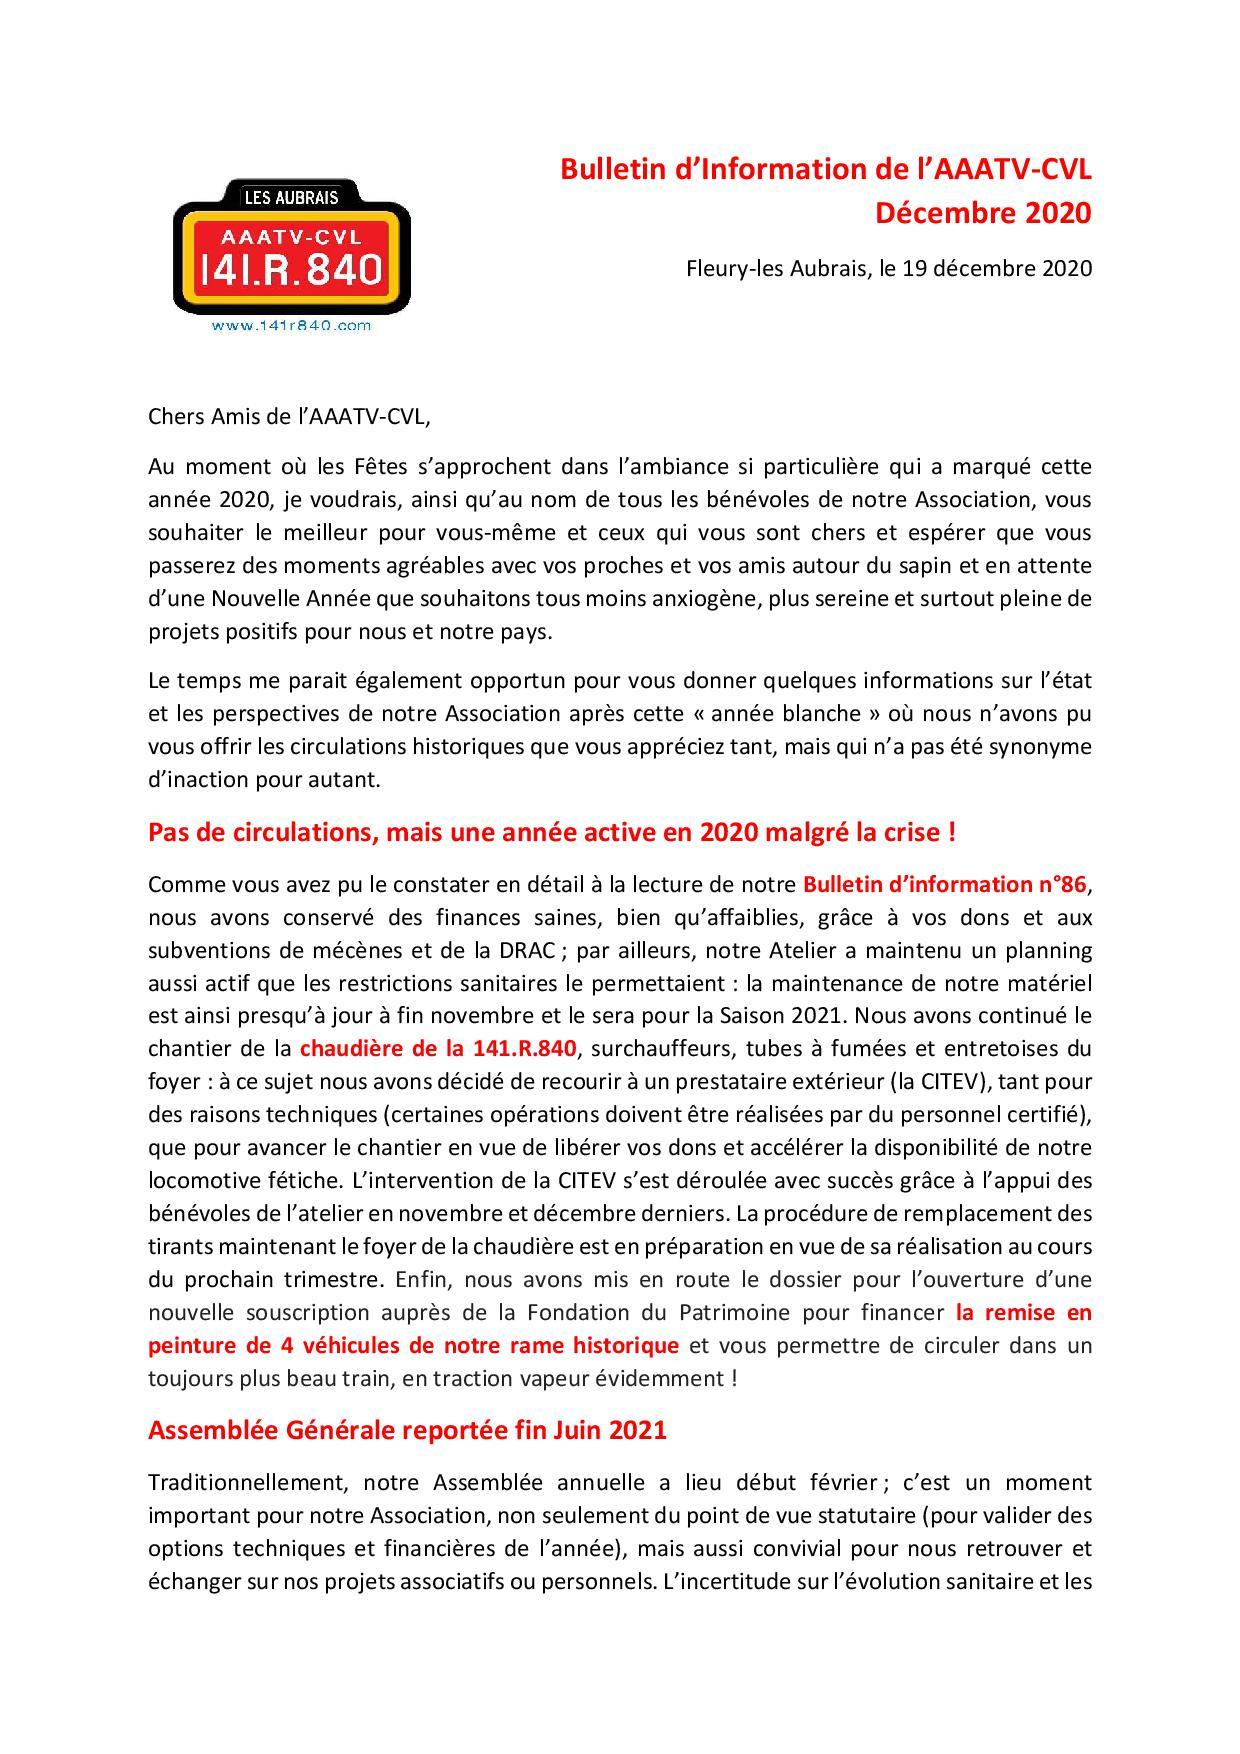 bulletin-information-decembre-20201.jpg